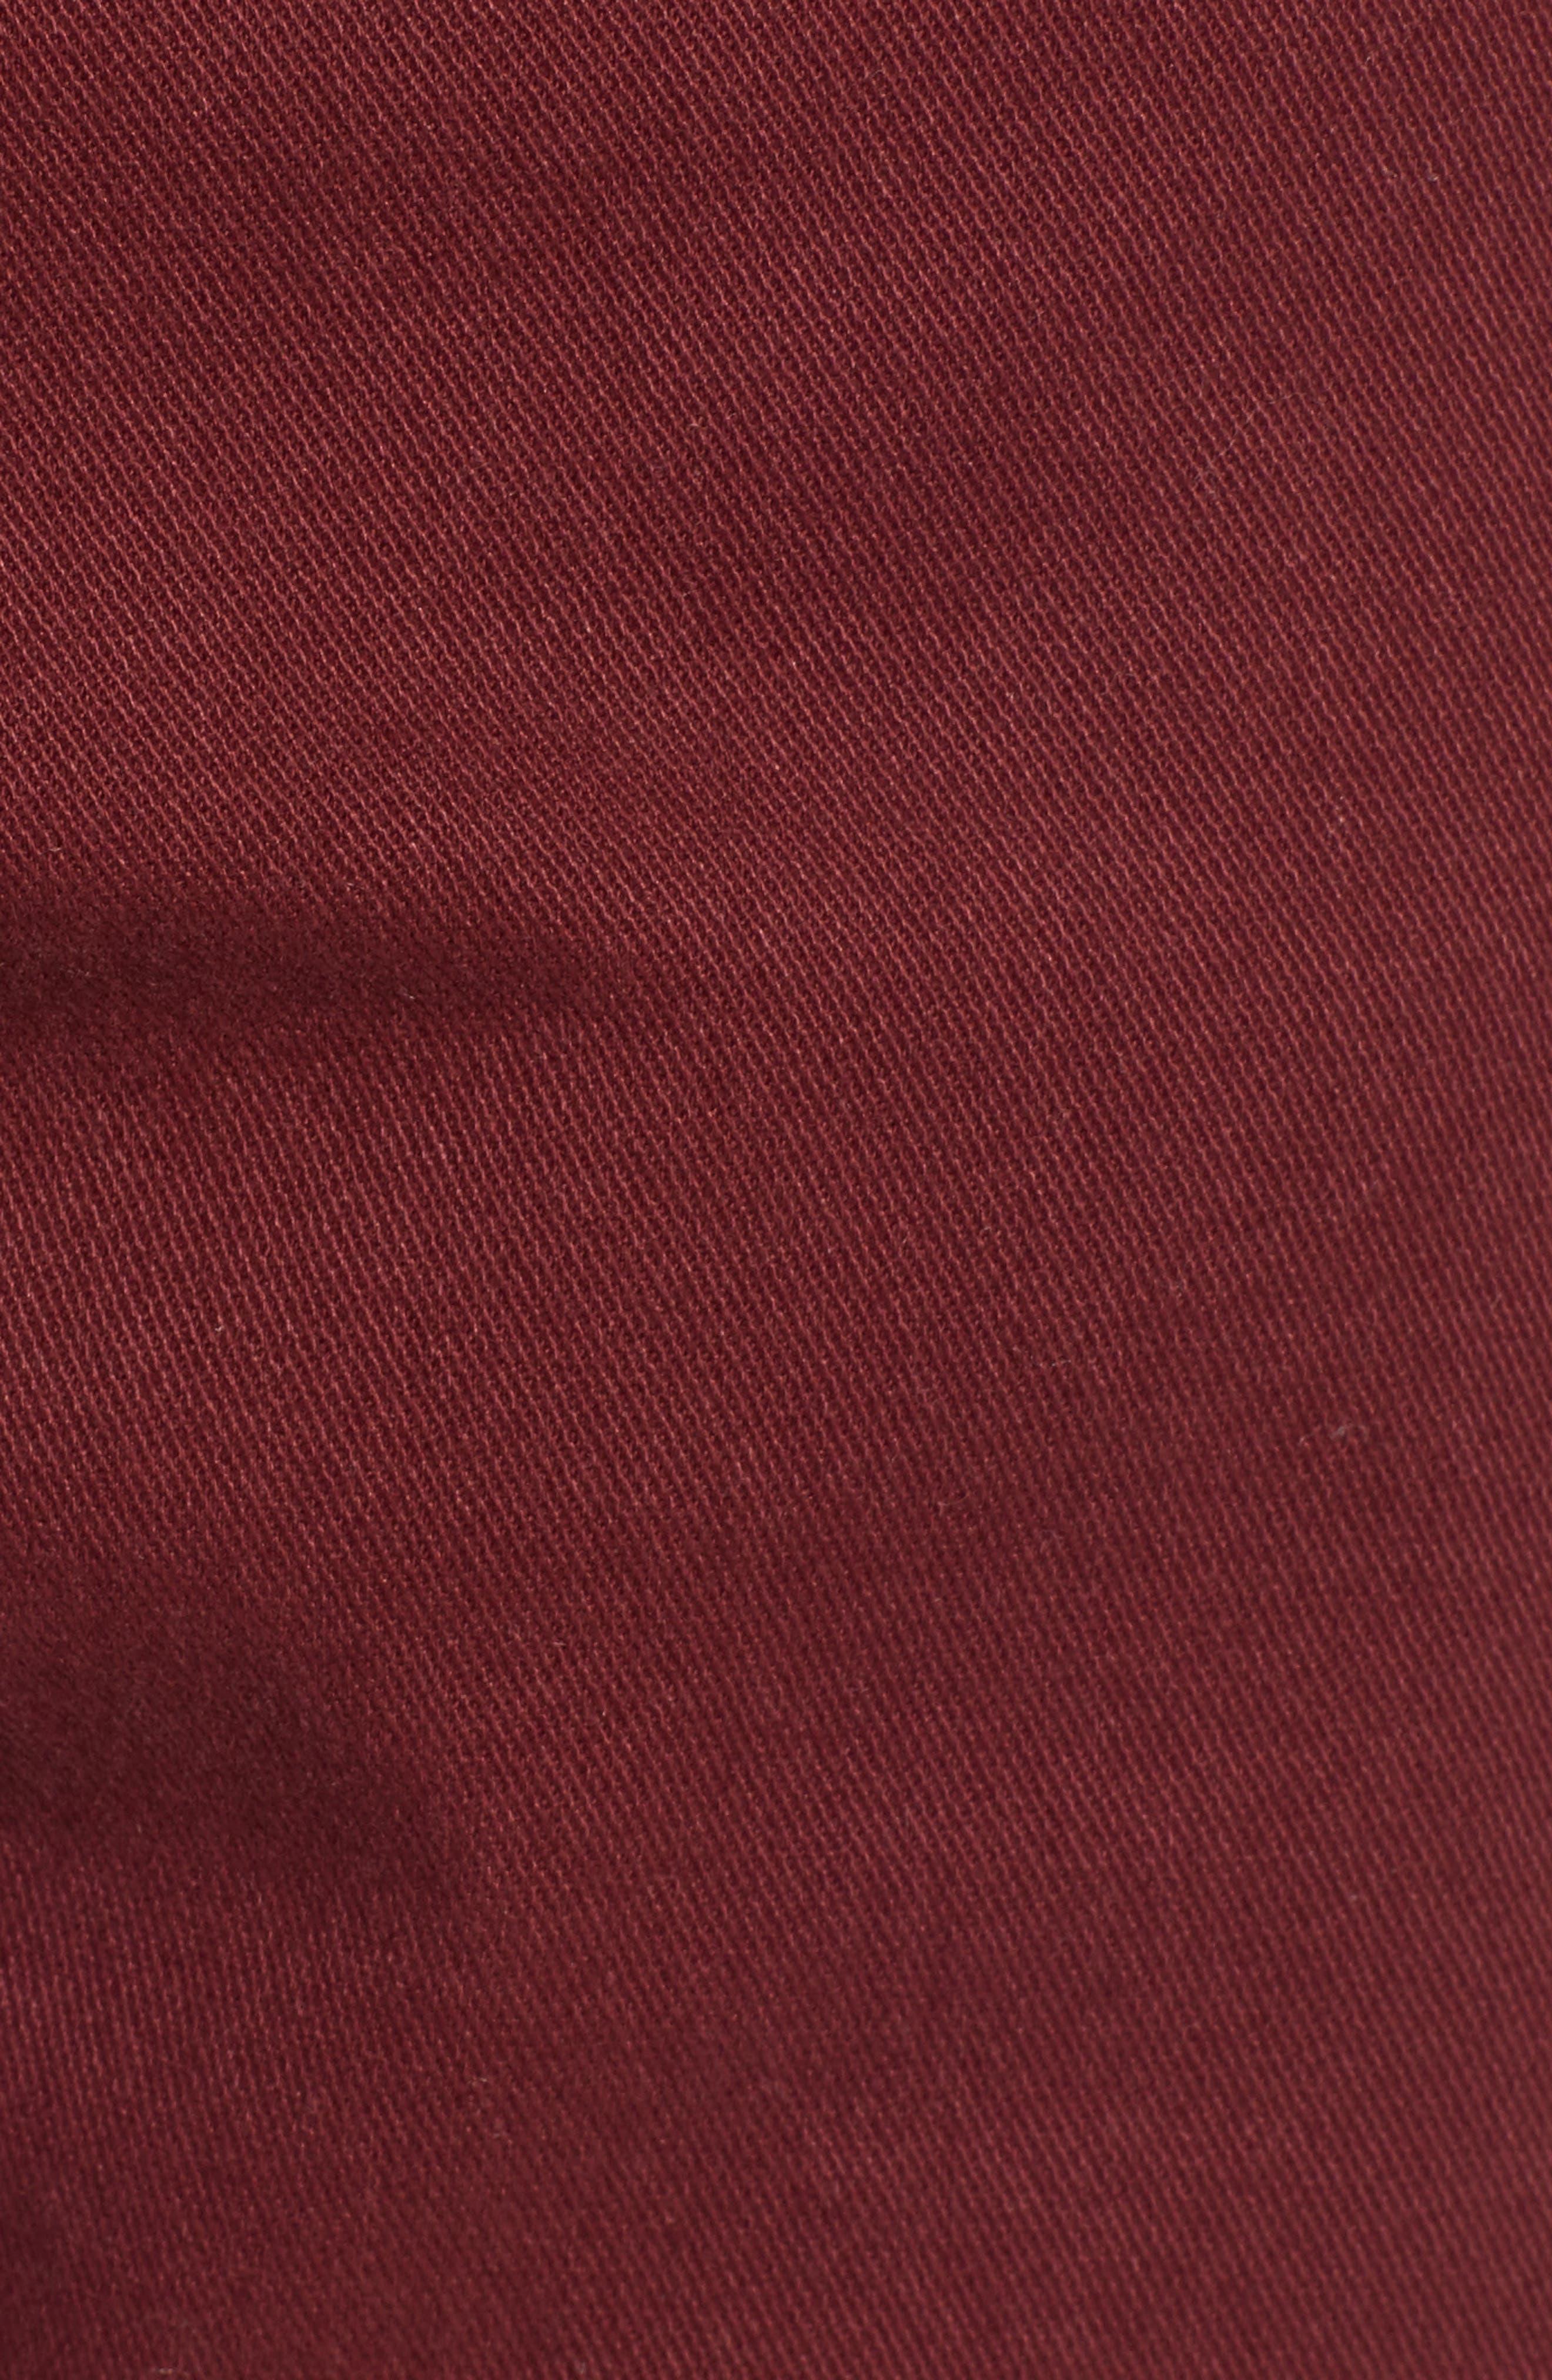 'Daggers' Slim Fit Twill Pants,                             Alternate thumbnail 5, color,                             BORDEAUX